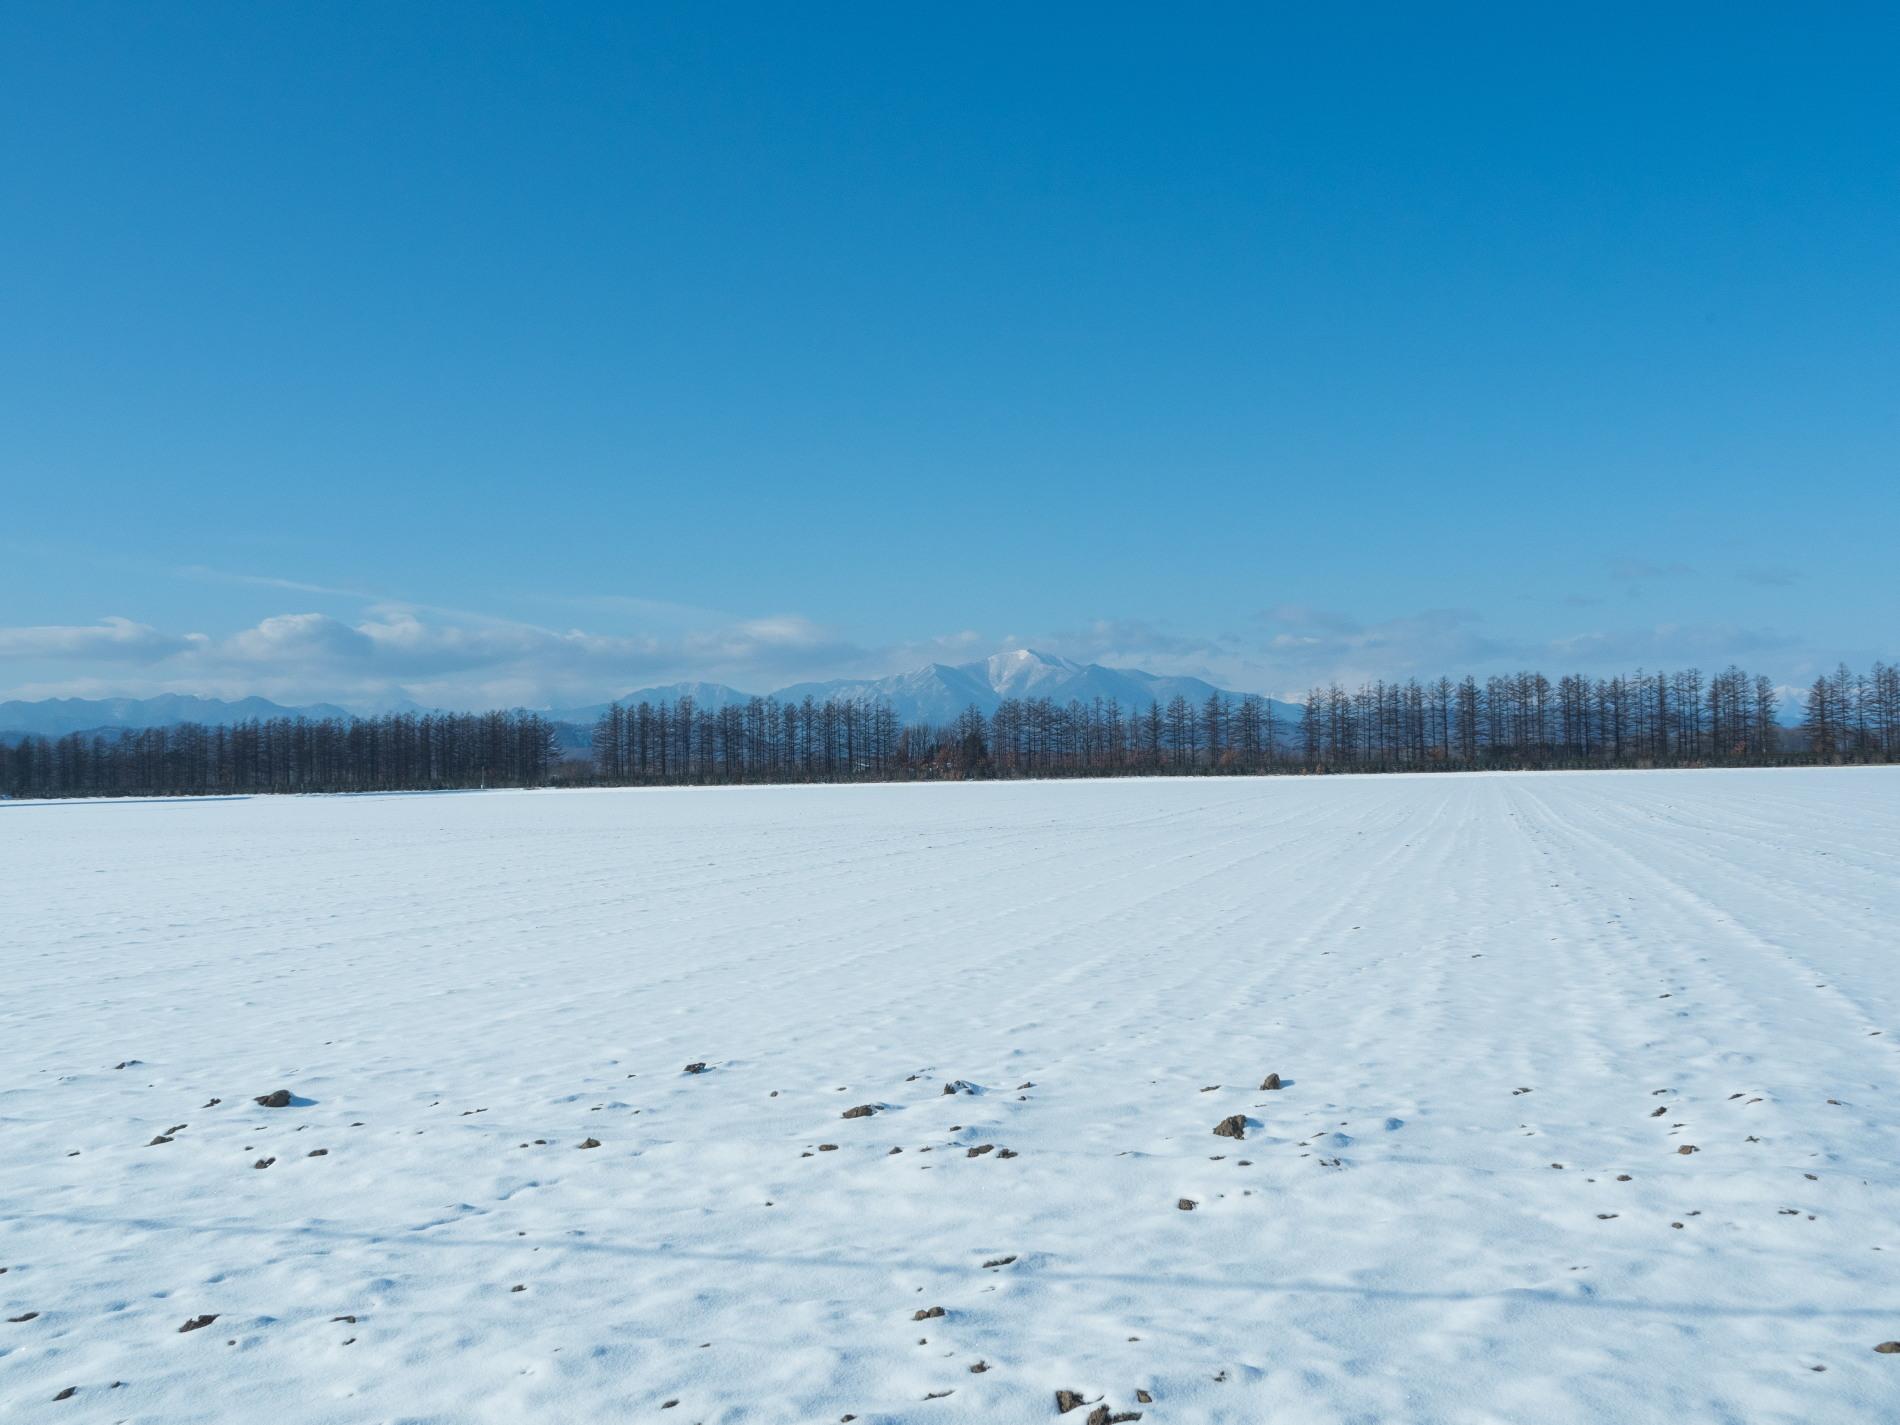 師走の中札内村の農村風景・・今年はちょっと雪が少ない?_f0276498_13534181.jpg